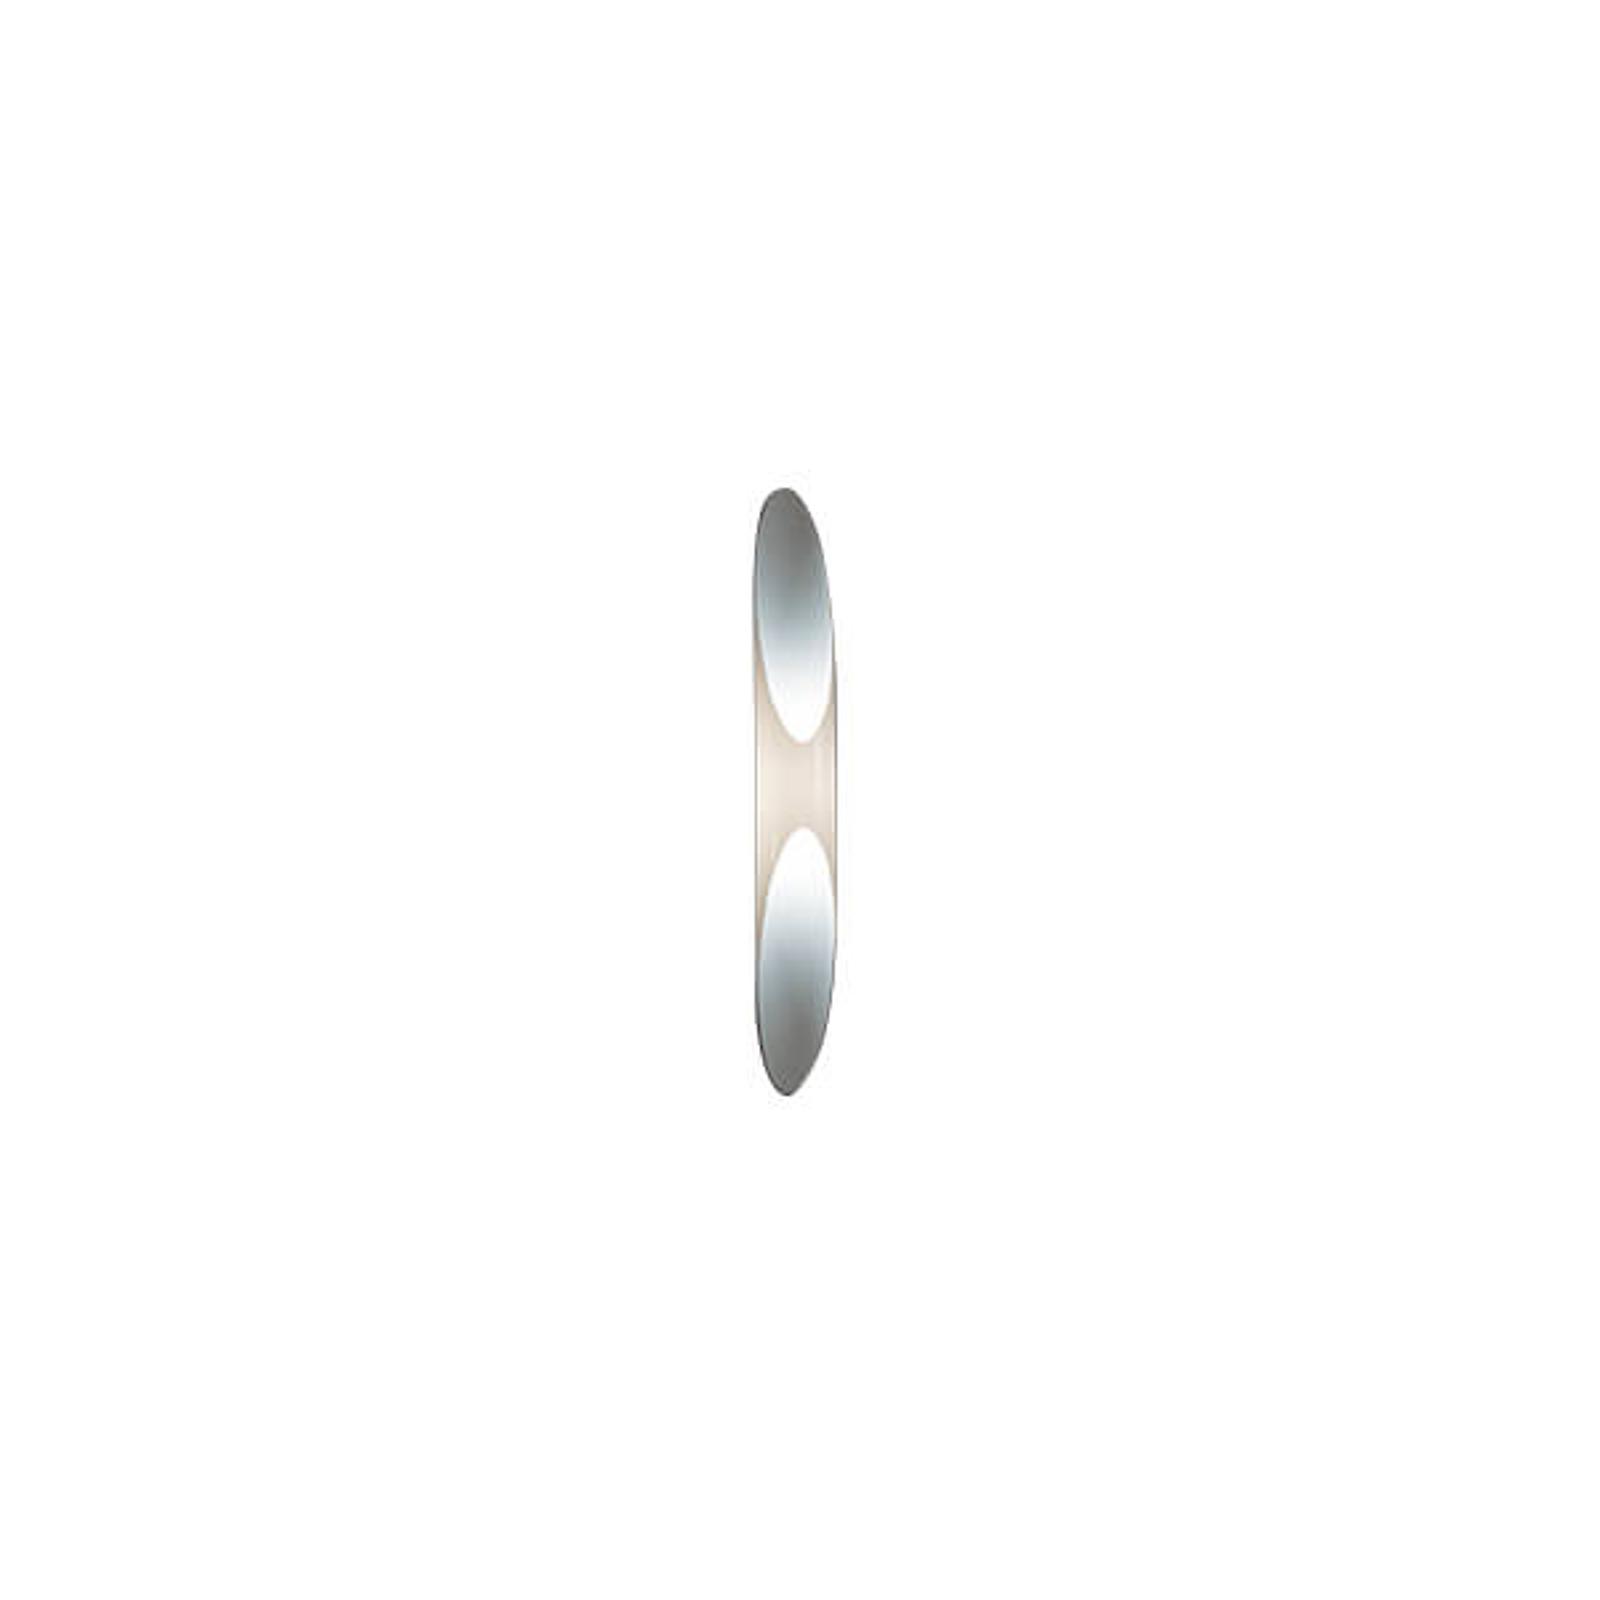 Kundalini Shakti - Wandleuchte weiß, 80 cm